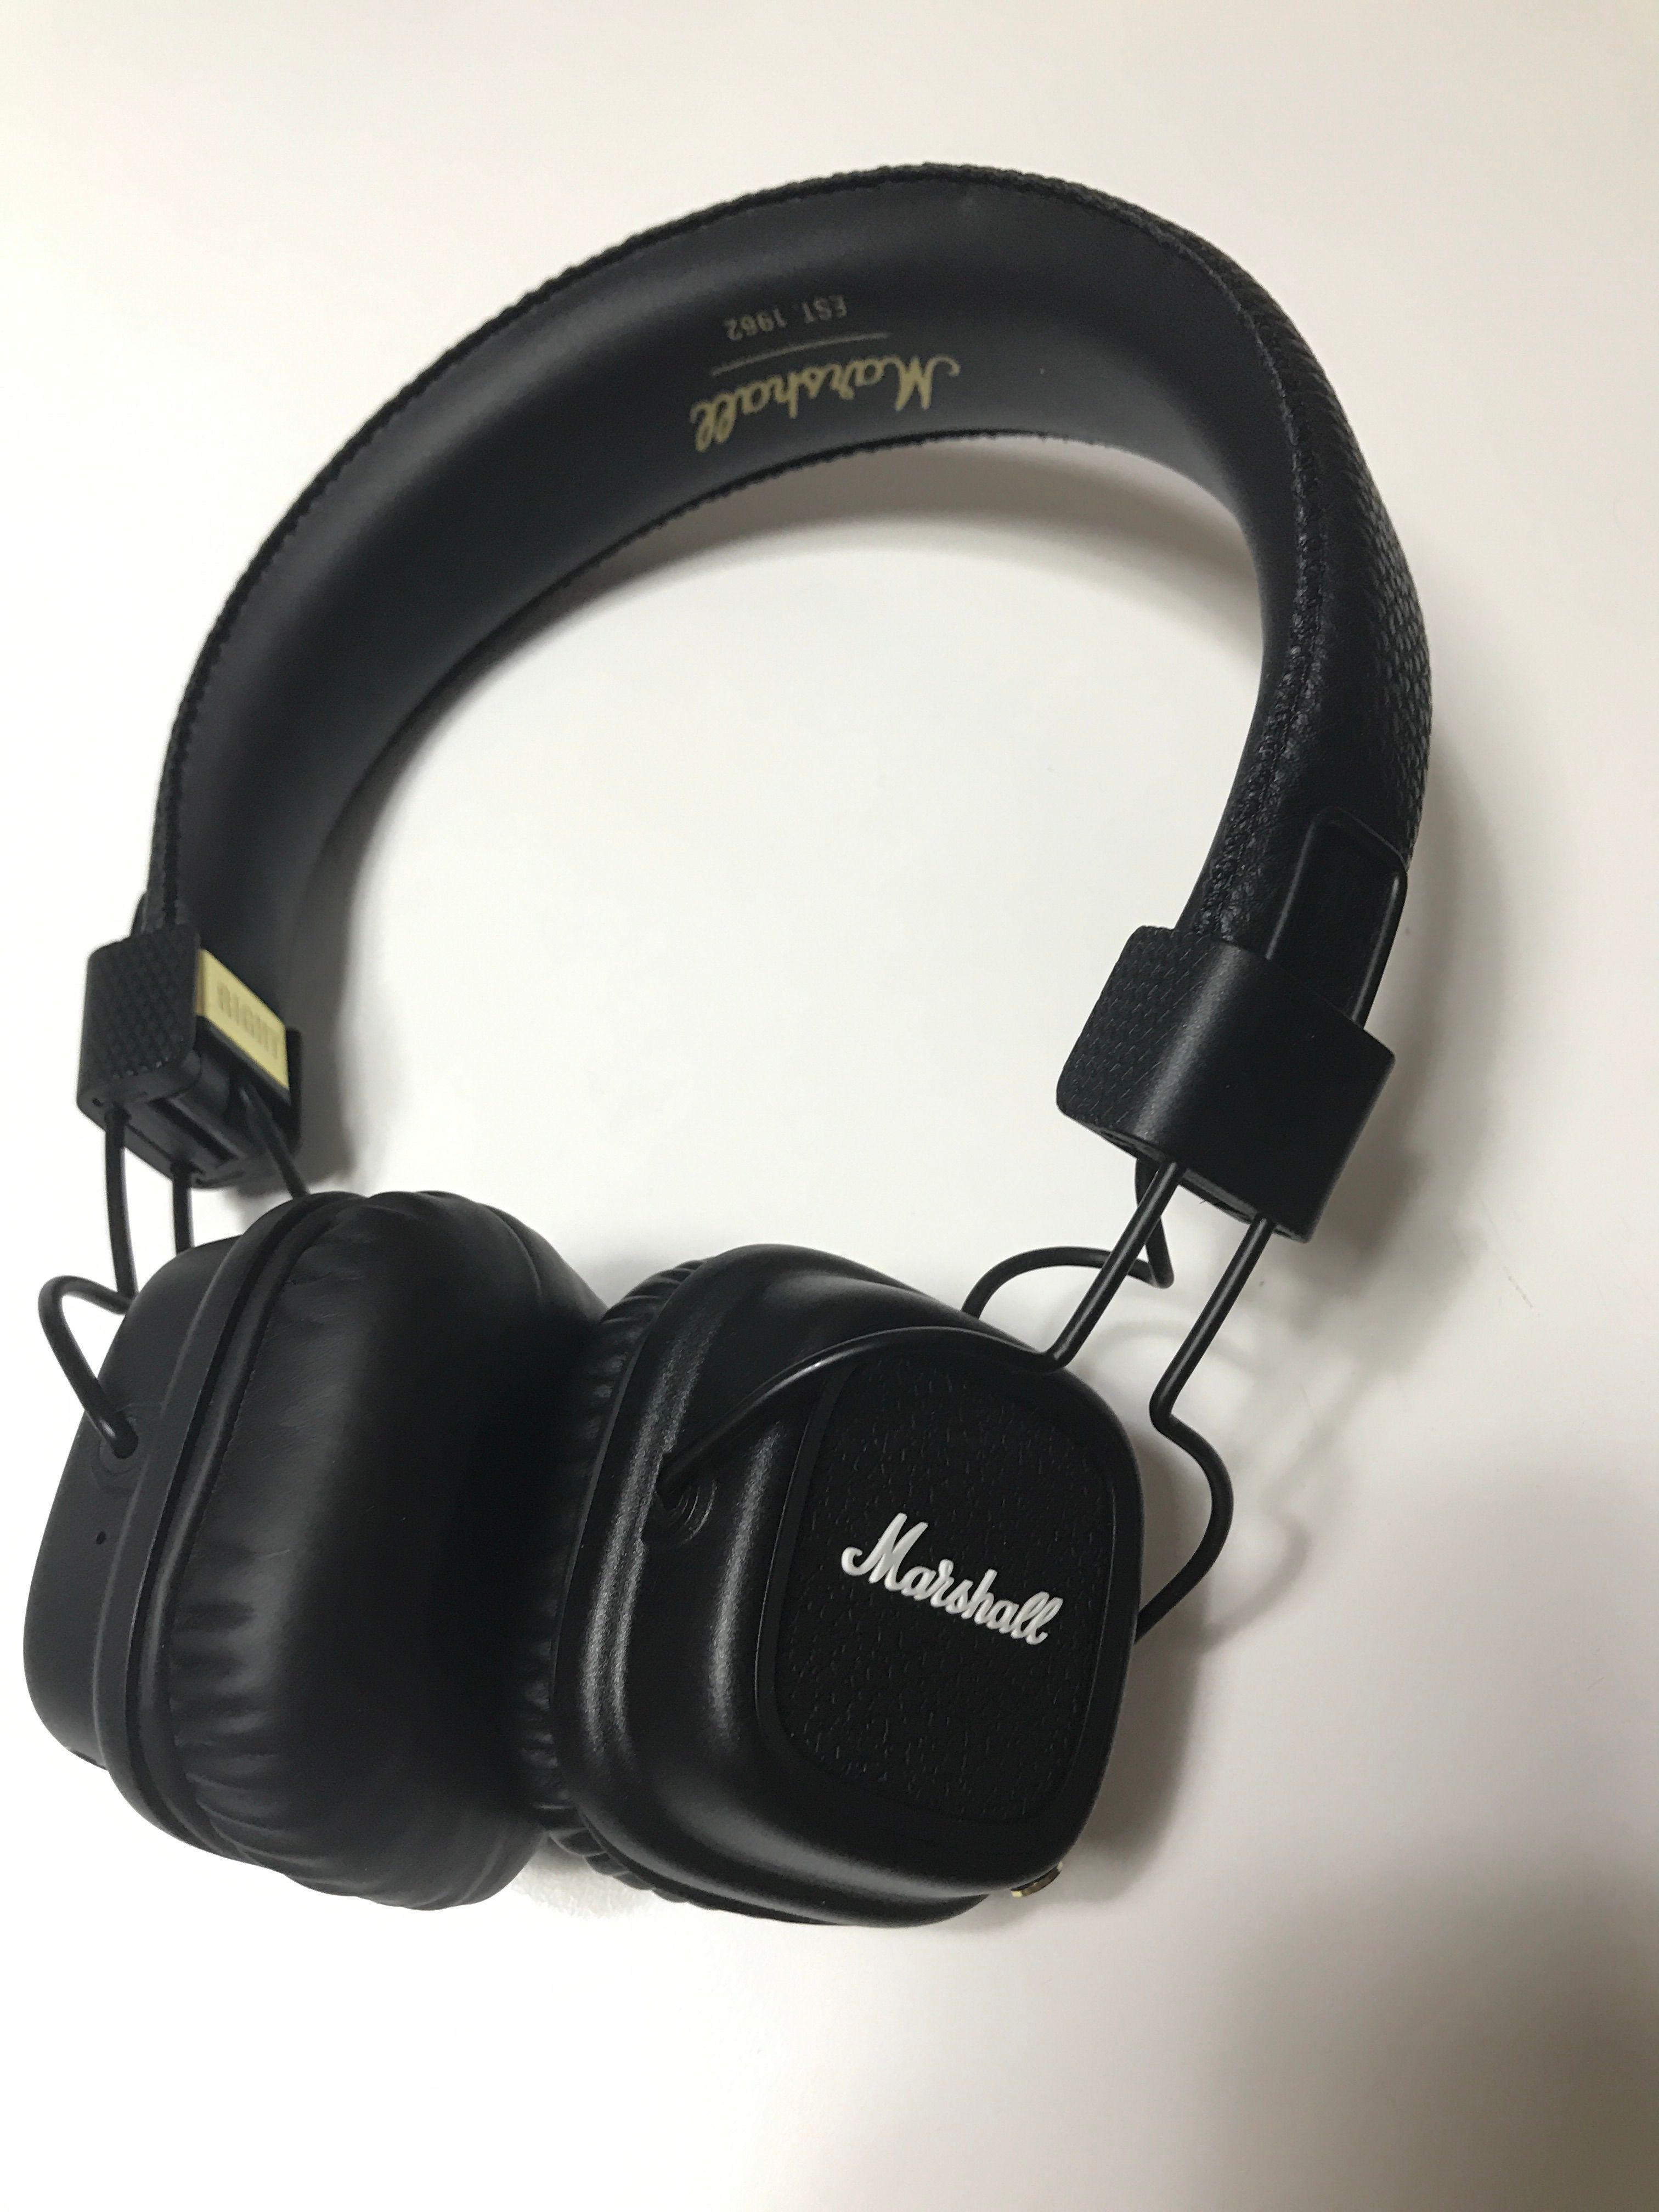 ... per me sono sinonimo di qualità ad un prezzo onesto. Le consiglio a  chiunque vuole una cuffia Bluetooth di buona qualità senza spendere troppi  soldi. 5c40292a9319